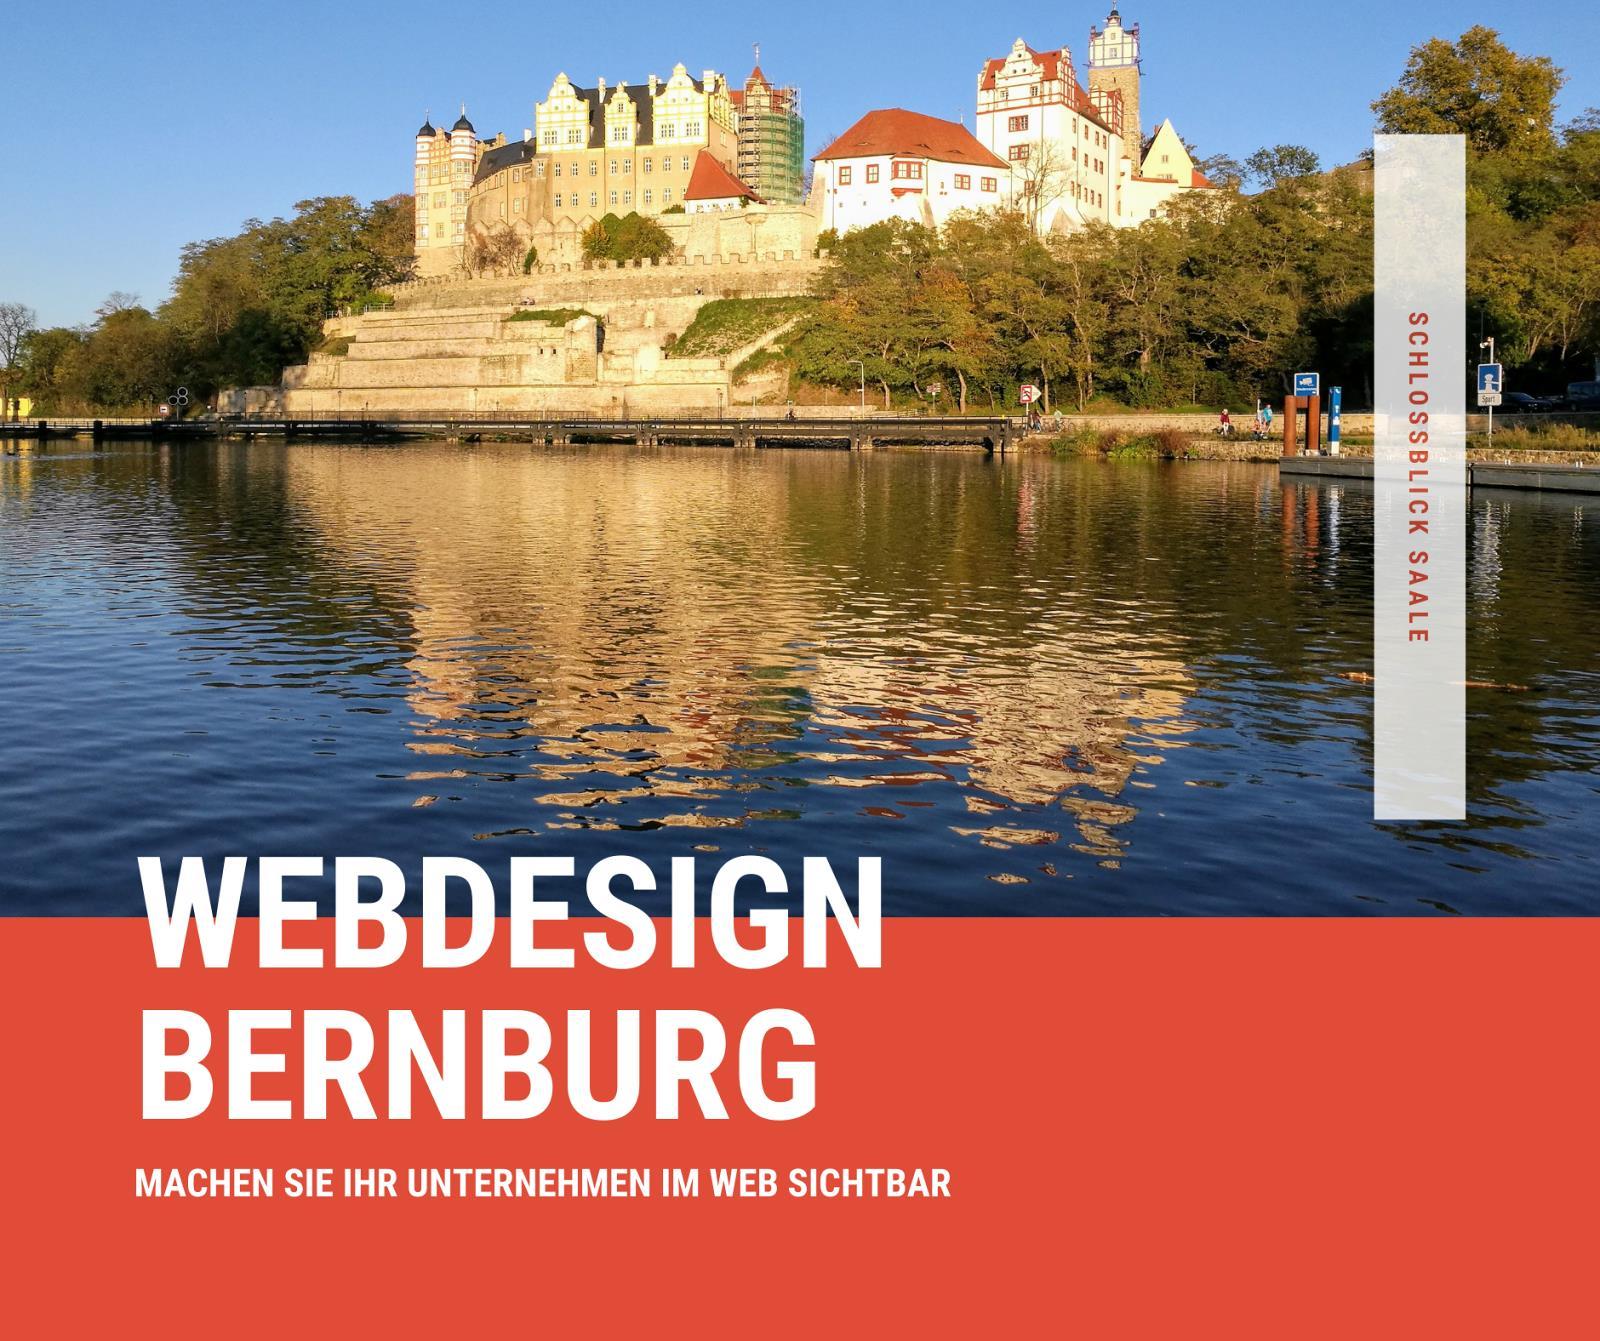 Webdesign Bernburg